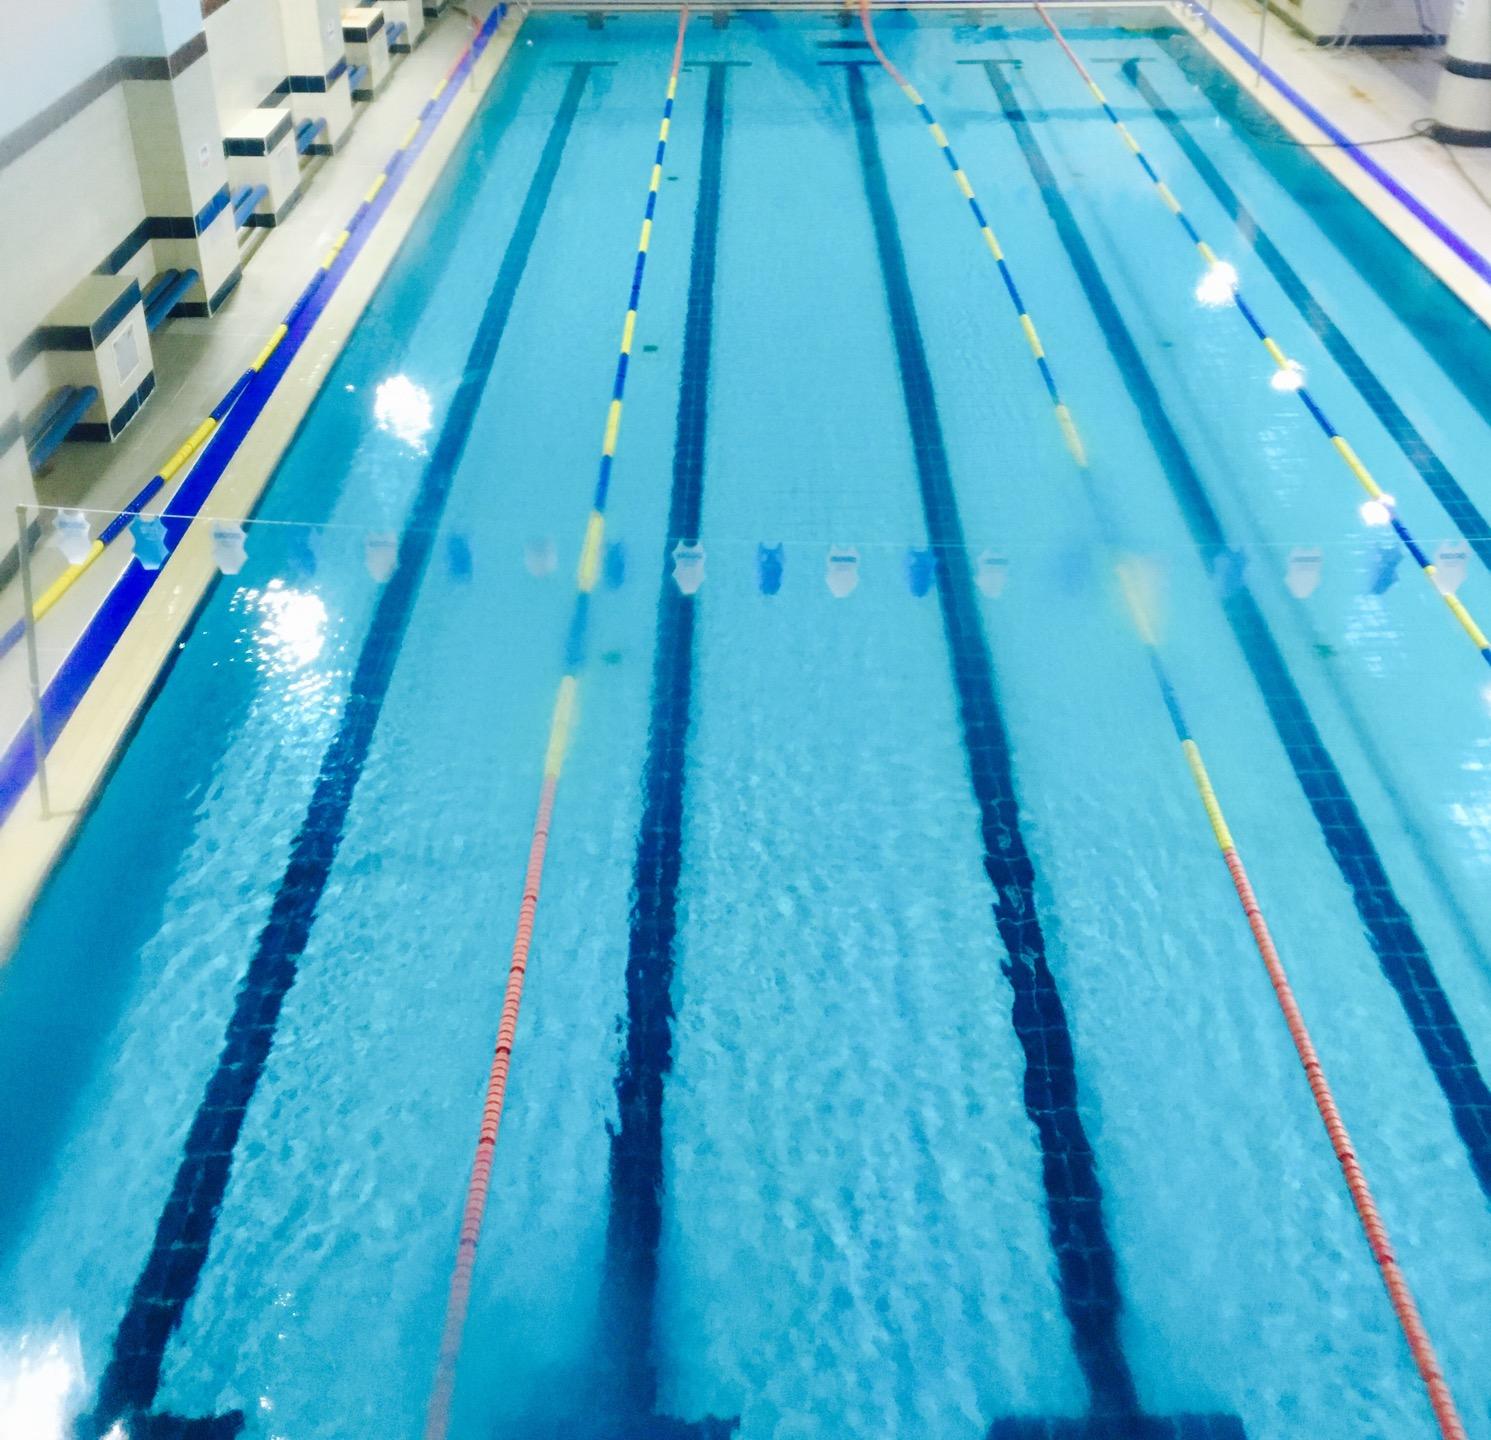 불광초등학교 체육문화센터 수영장 | 서울특별시 은평구 불광로 51 | +82 2-385-5191